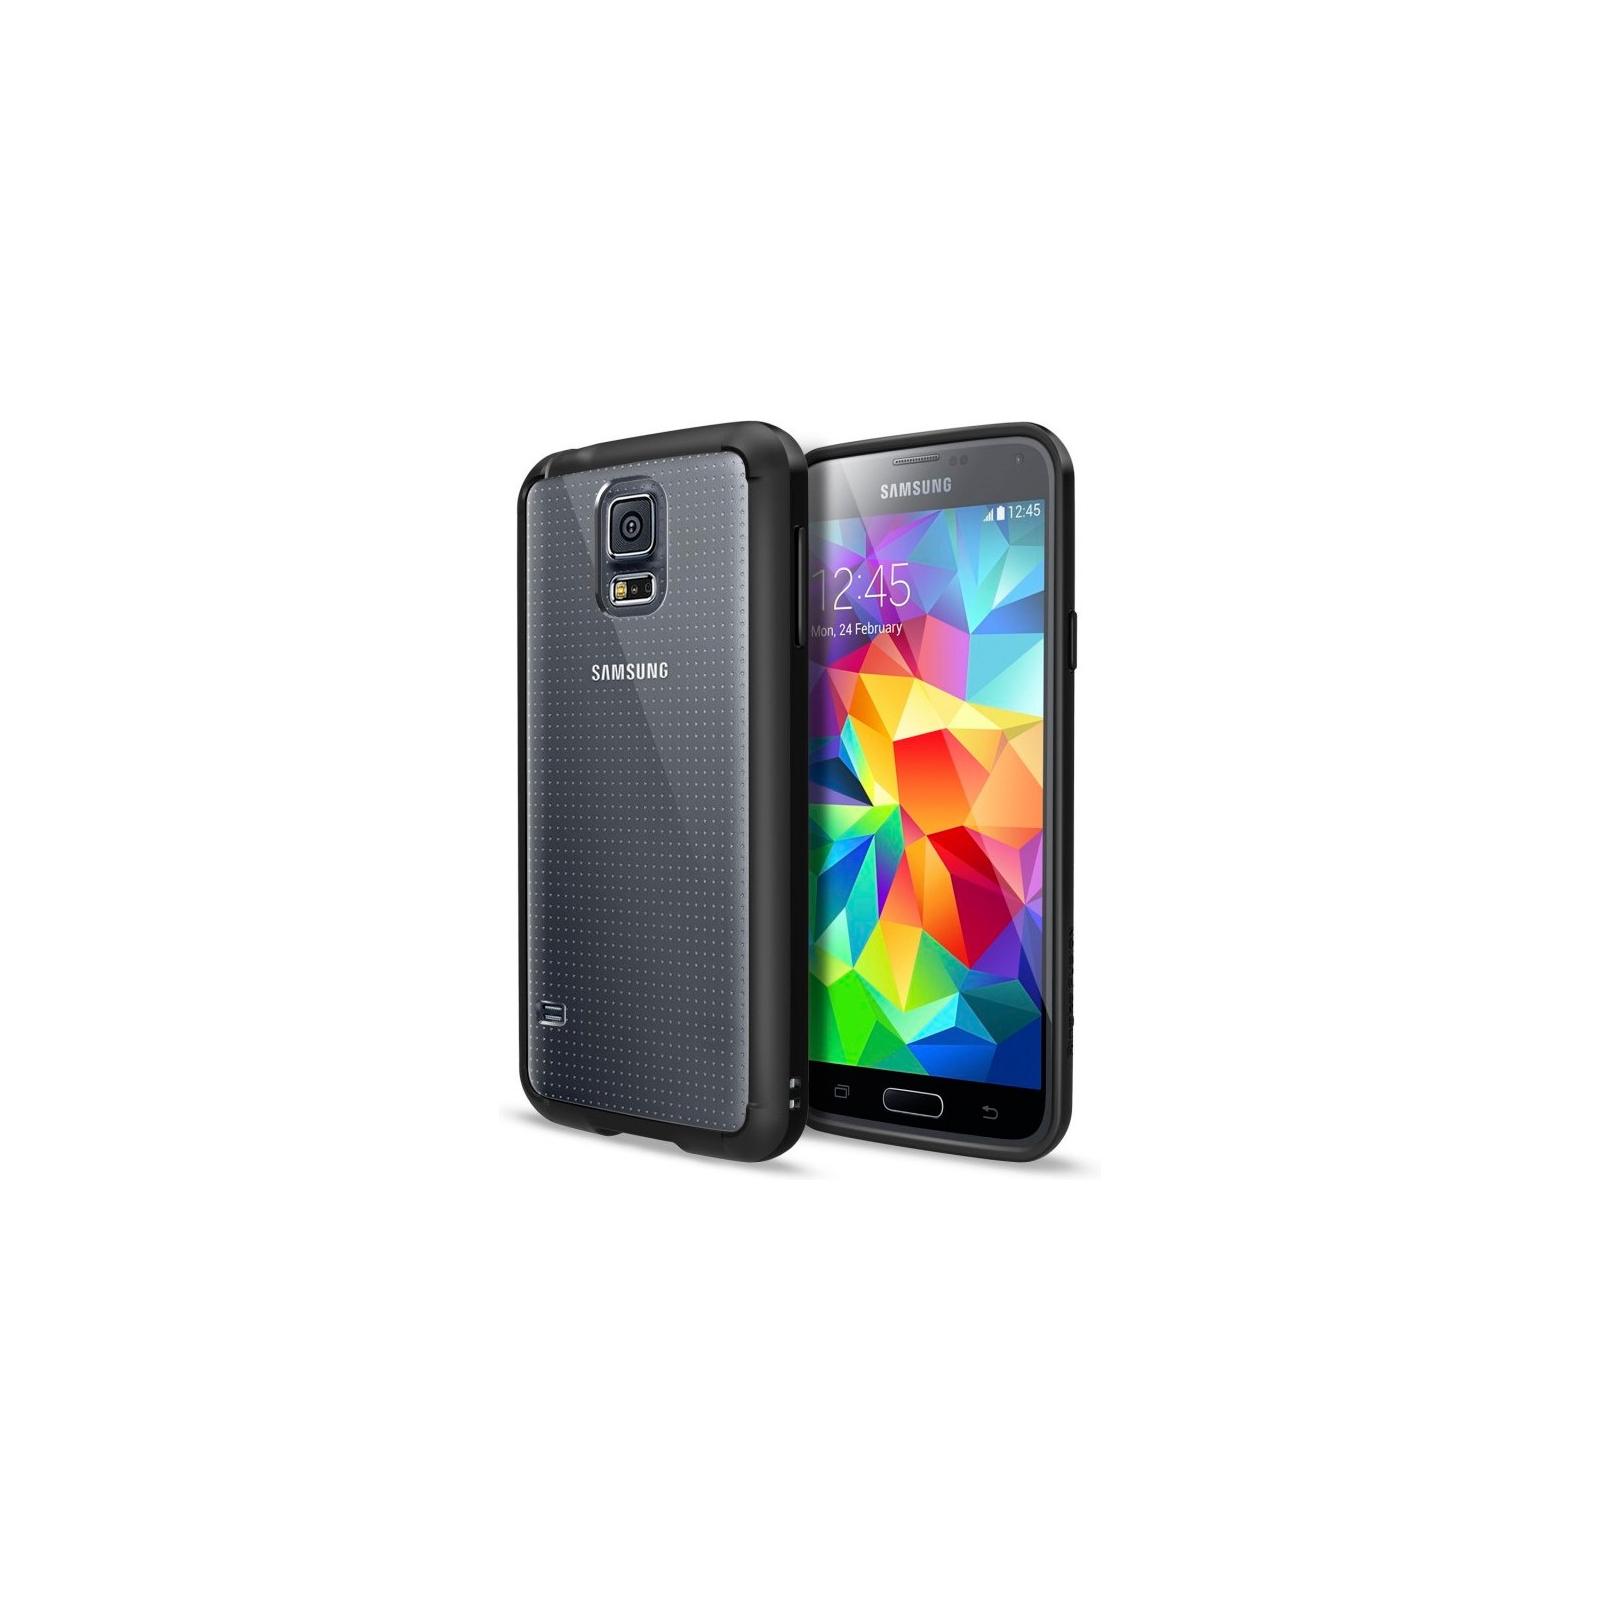 Чехол для моб. телефона Ringke Fusion для Samsung Galaxy S5 (Black) (156919) изображение 2